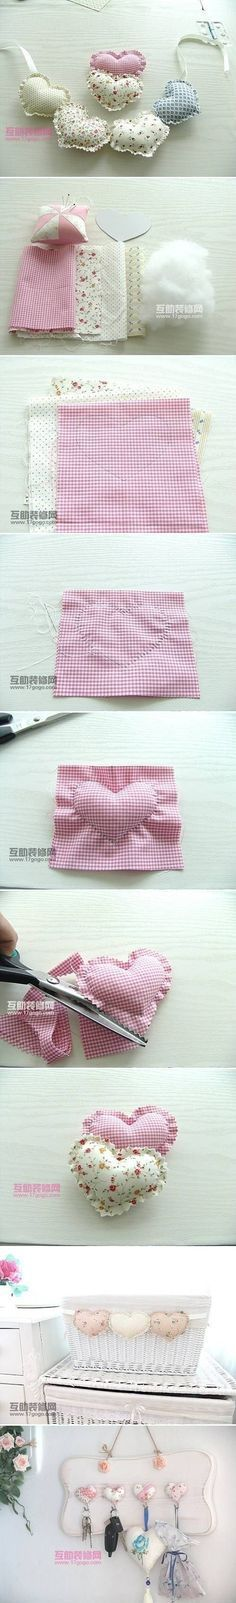 DIY Fabric Heart Pendant